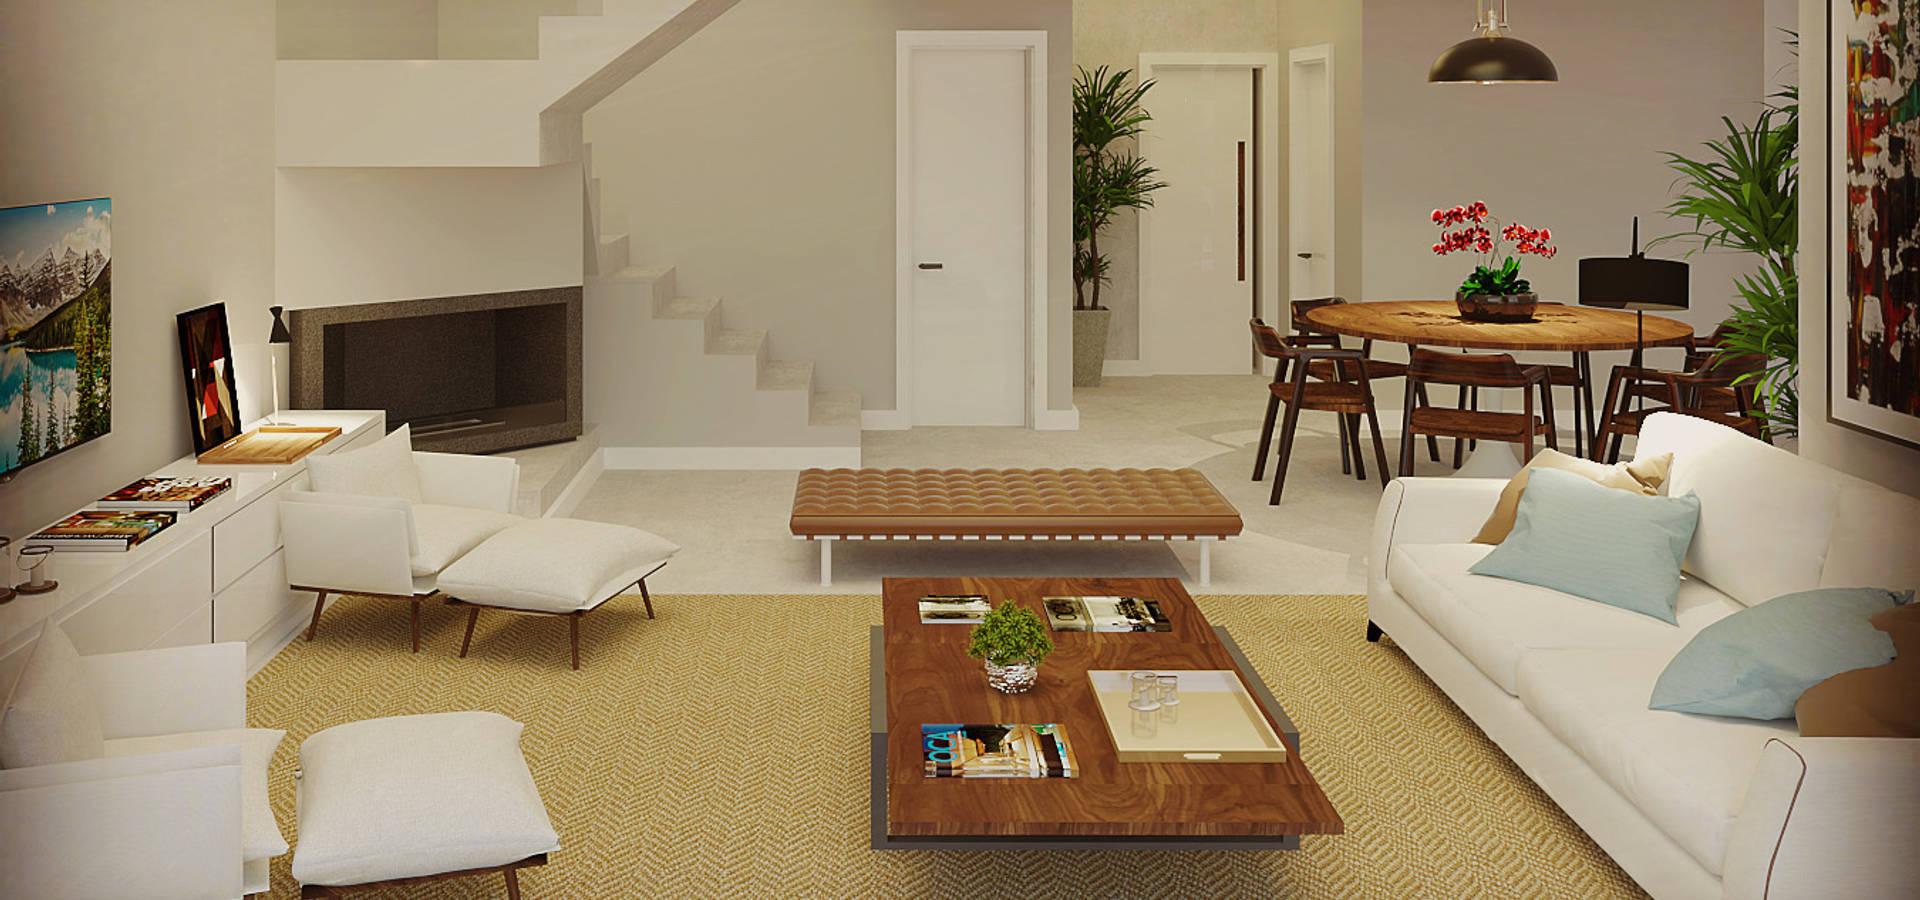 CW arquitetura e interiores